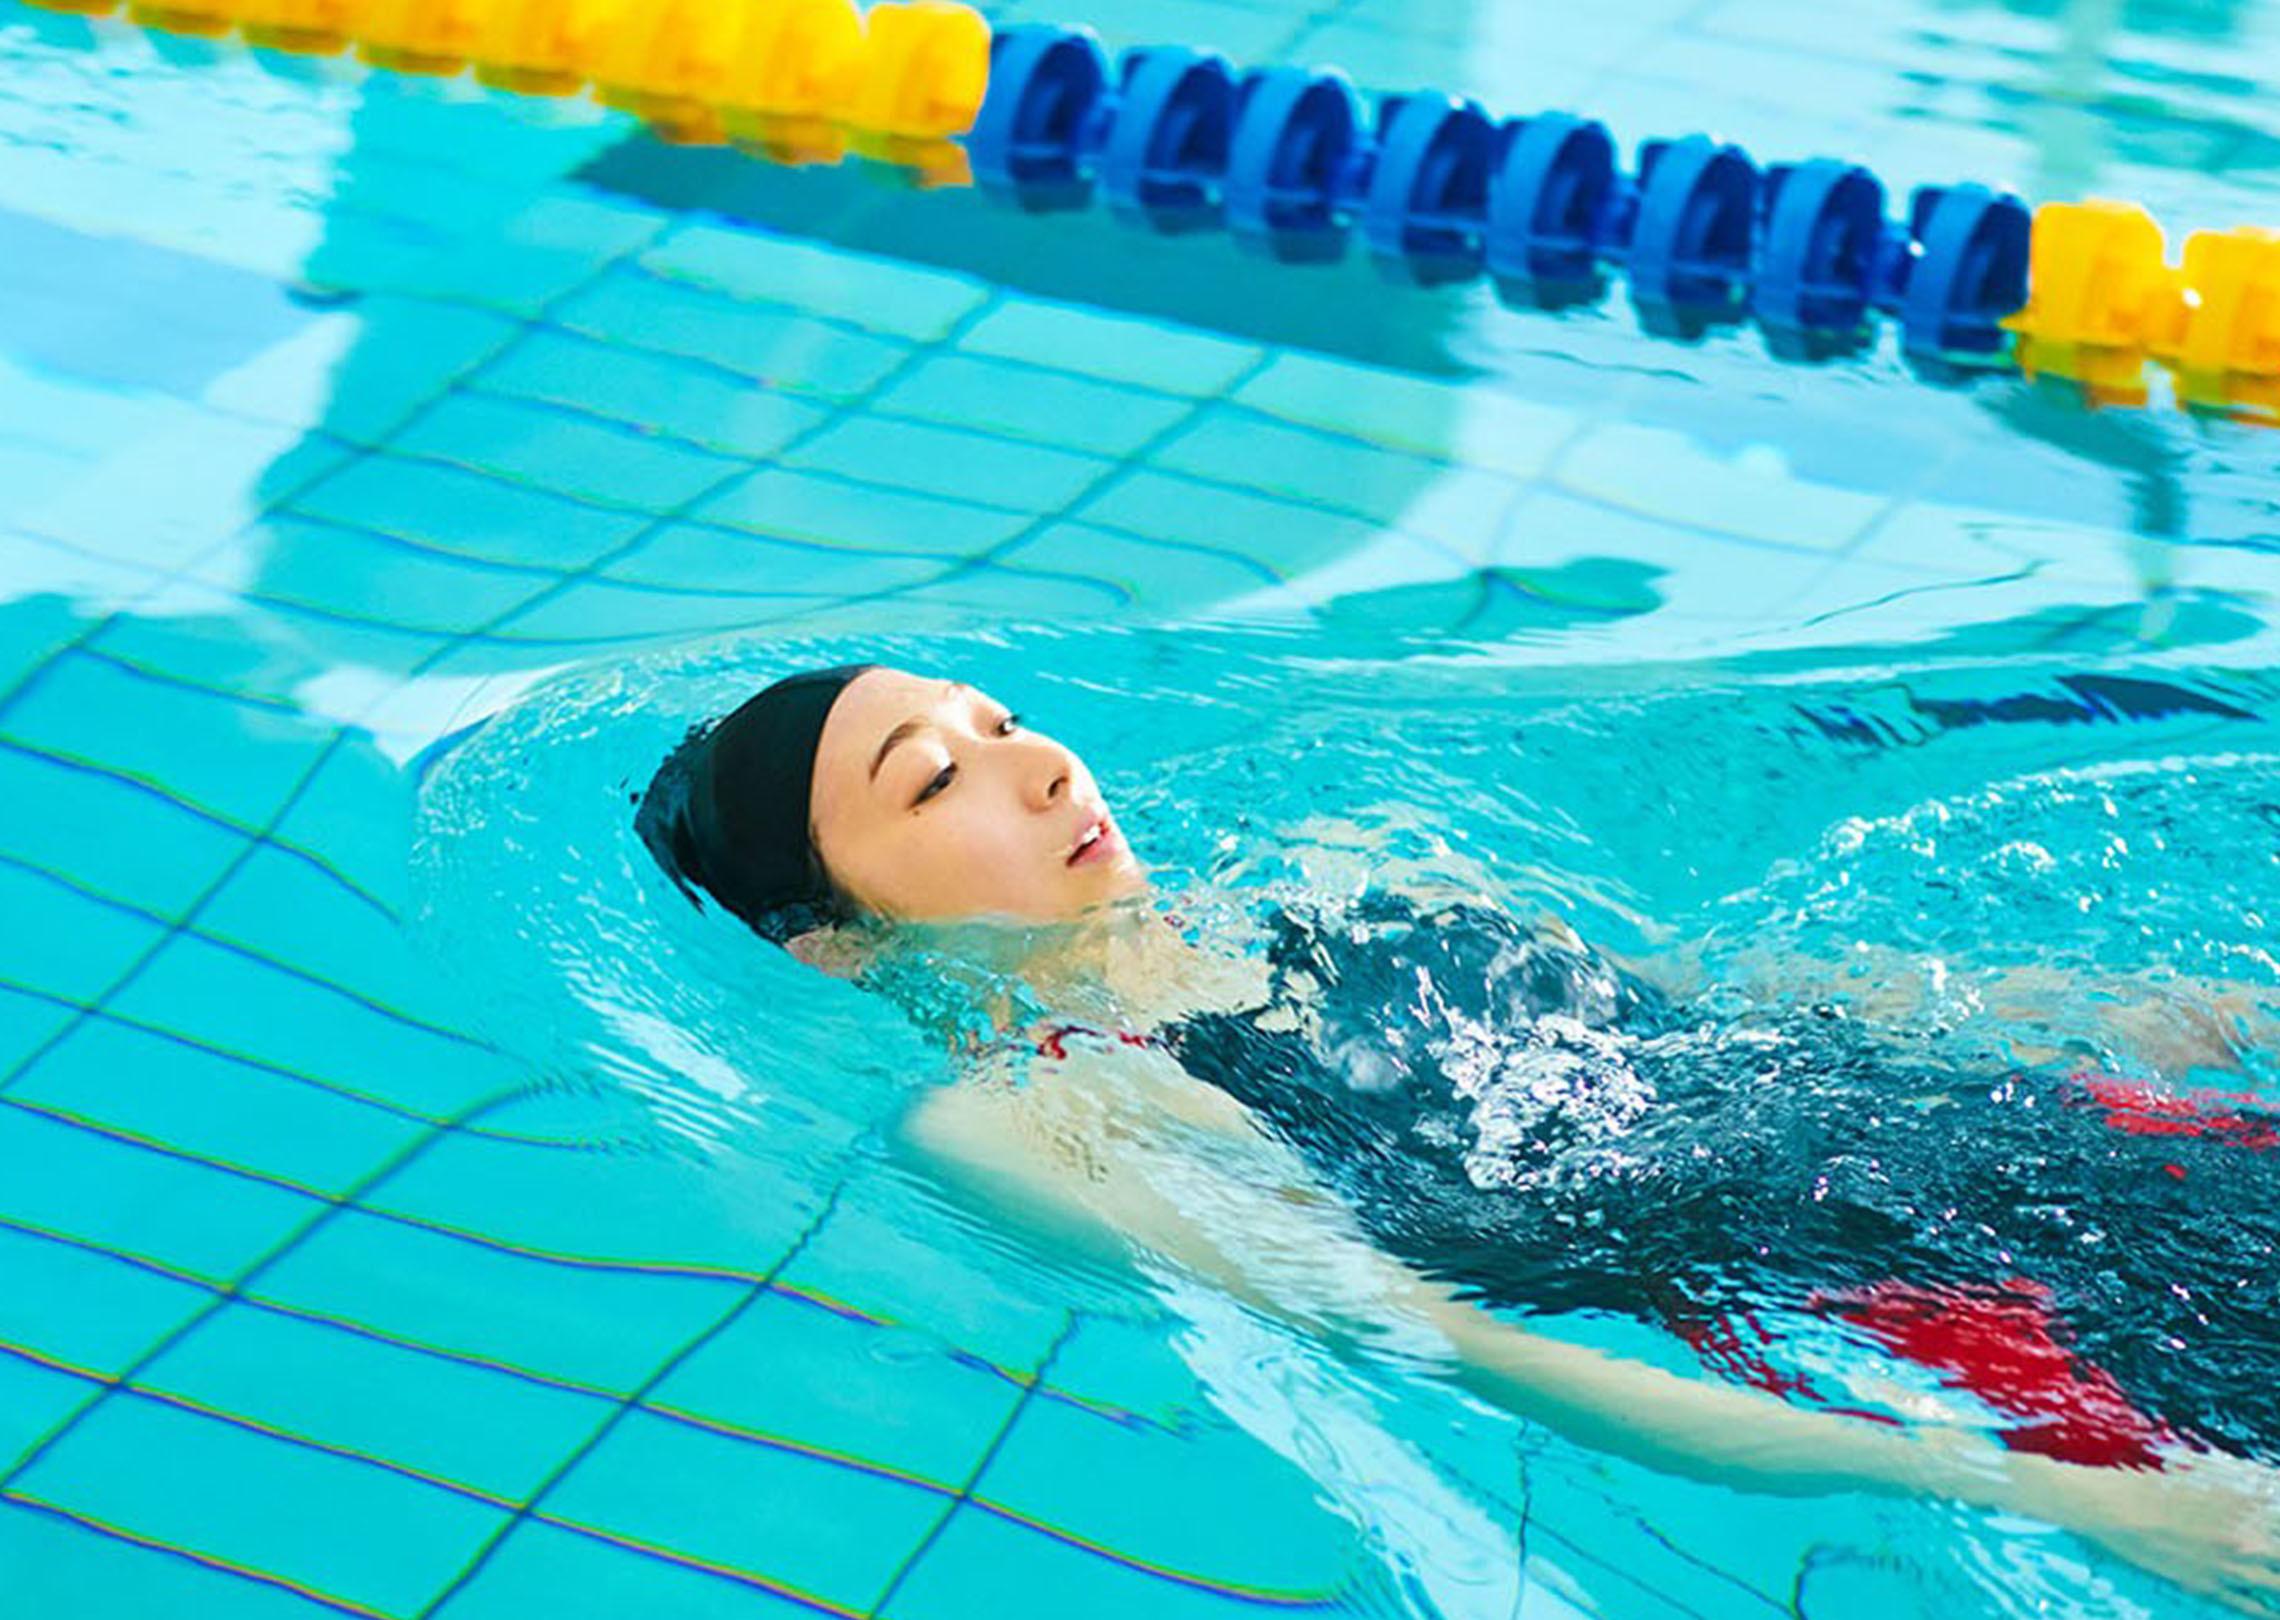 Swimming beyond